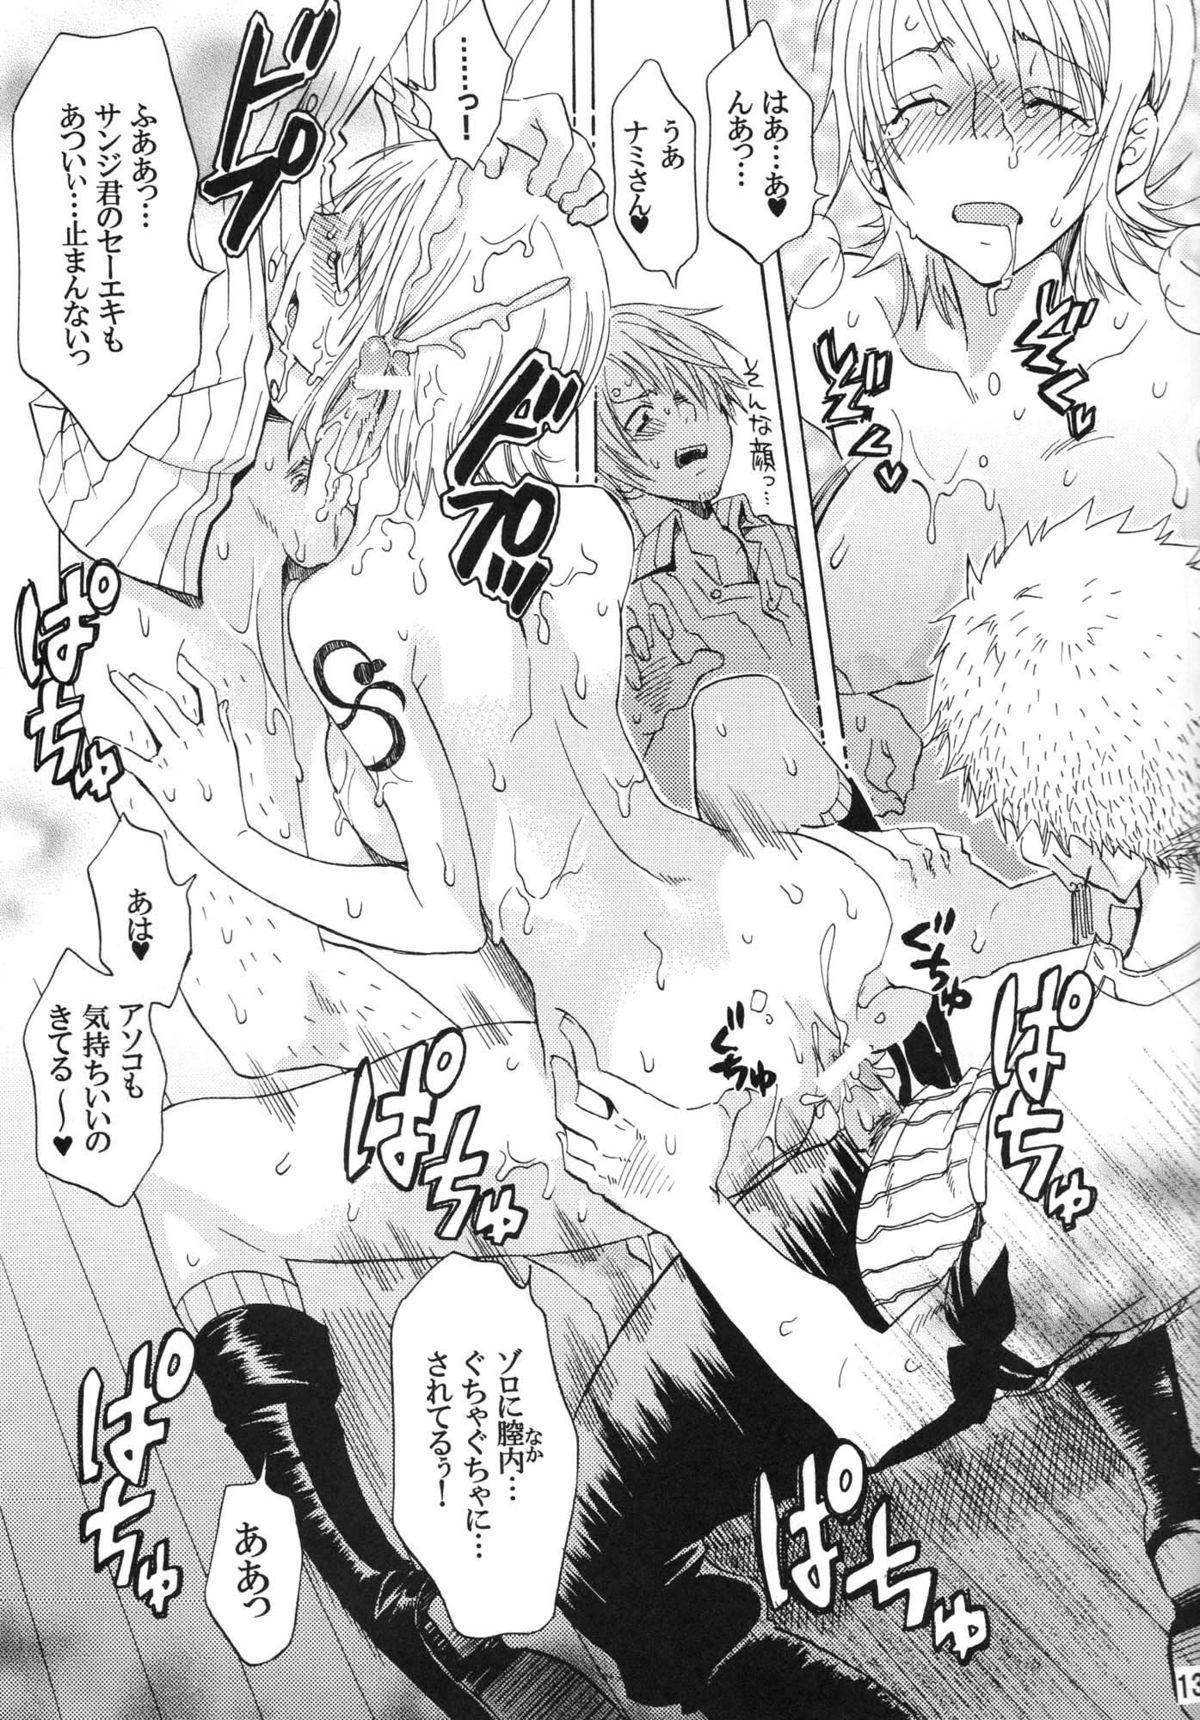 Nami-chan to mou 1kai! 11